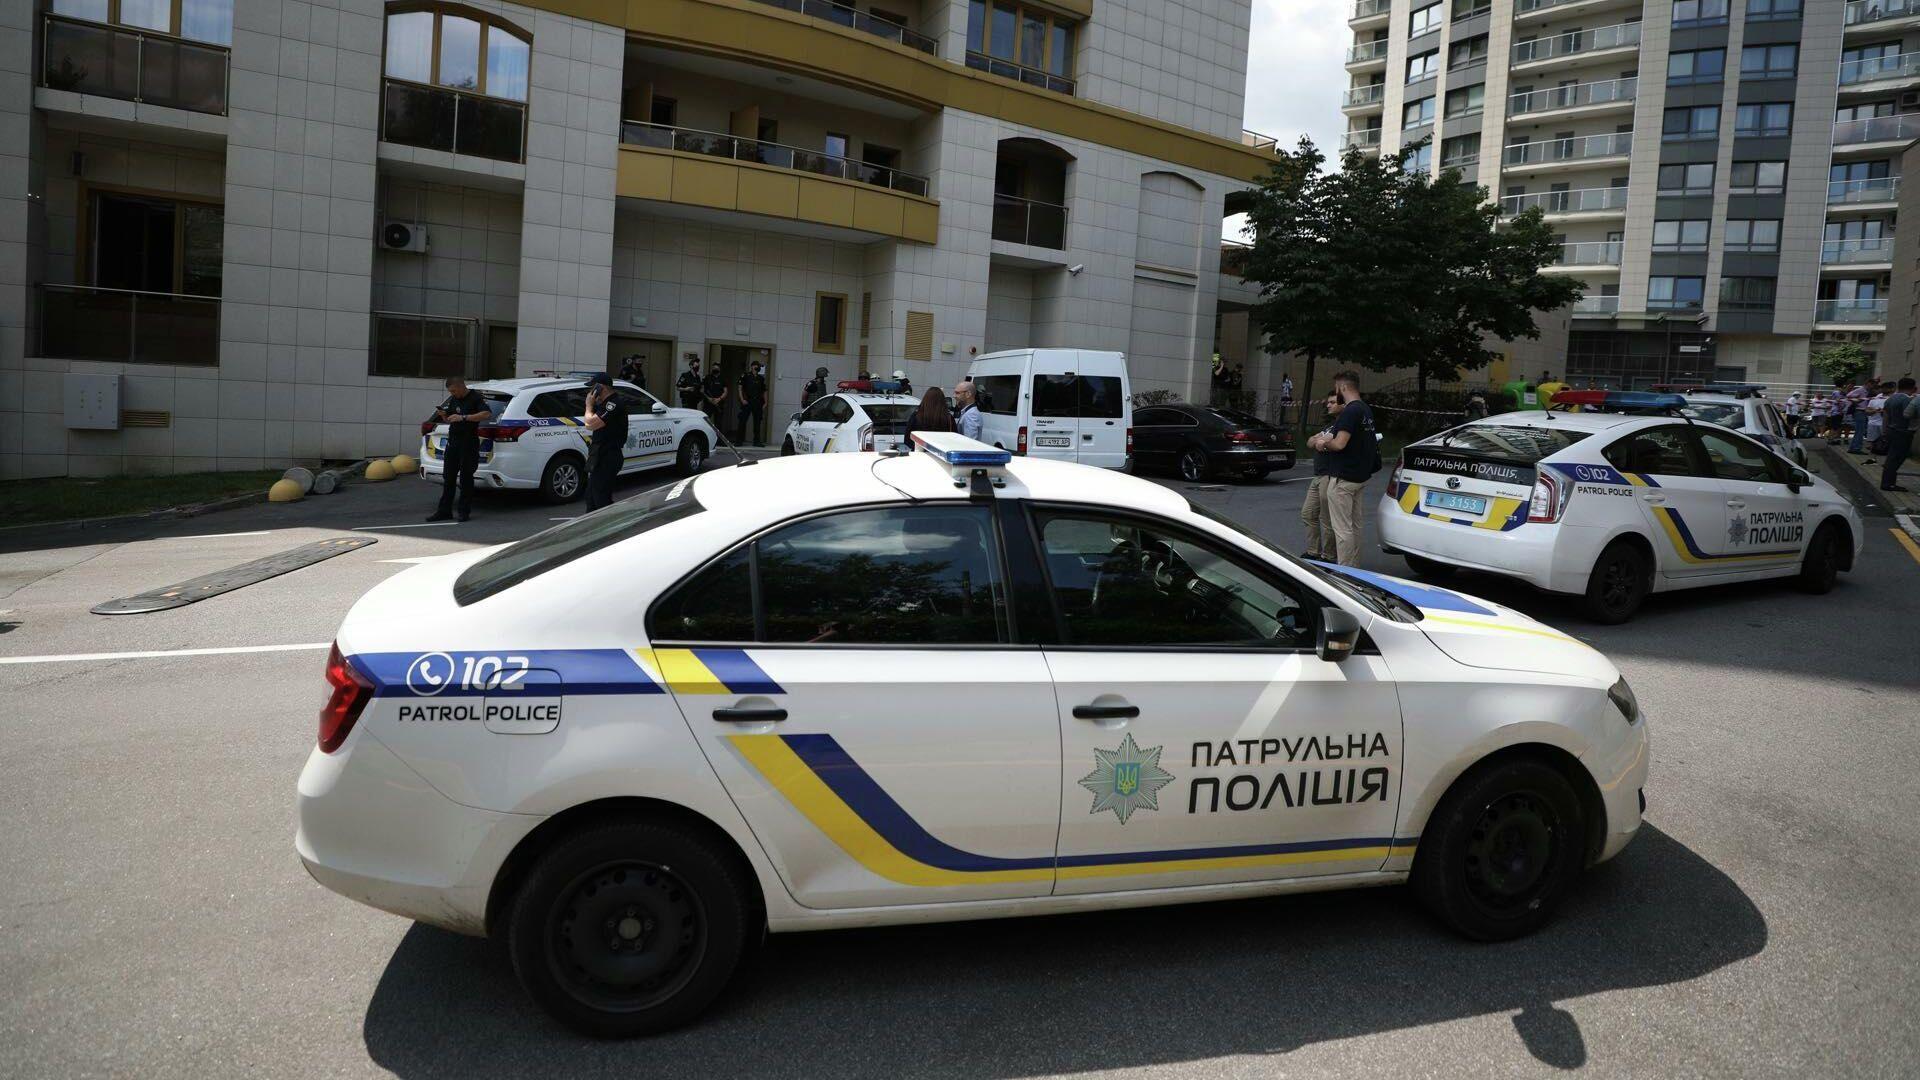 Сотрудники полиции Украины в Киеве - РИА Новости, 1920, 03.08.2021